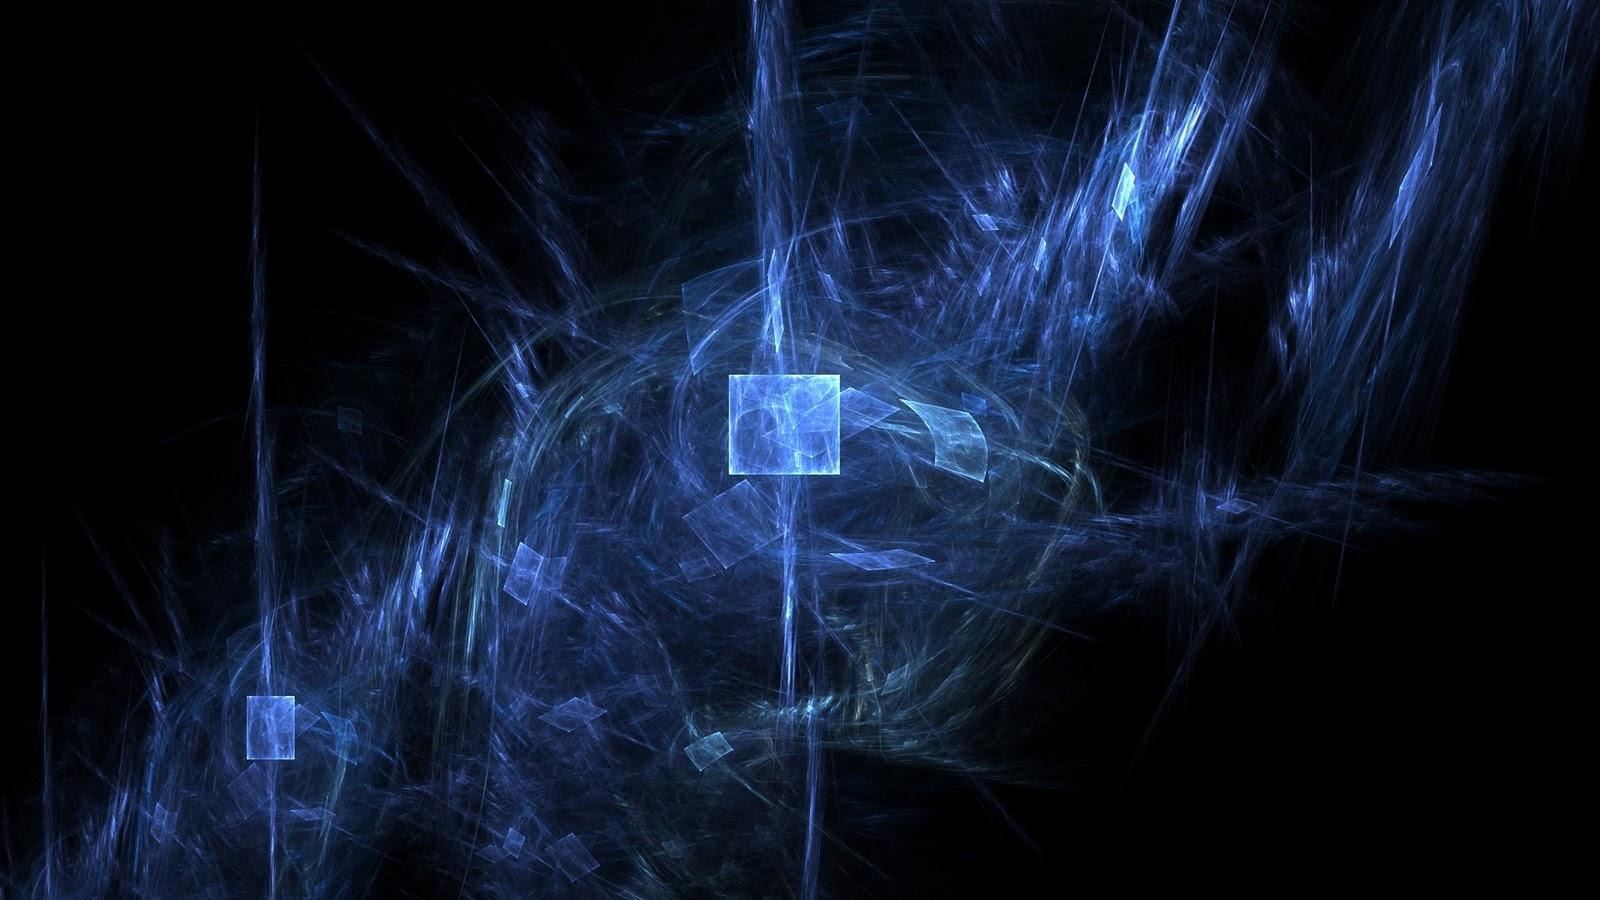 http://4.bp.blogspot.com/-chpUrhNV4qI/TywgctiM73I/AAAAAAAAAig/tSQ1D7cWSRc/s1600/HD+Windows+Wallpaper_5.jpg